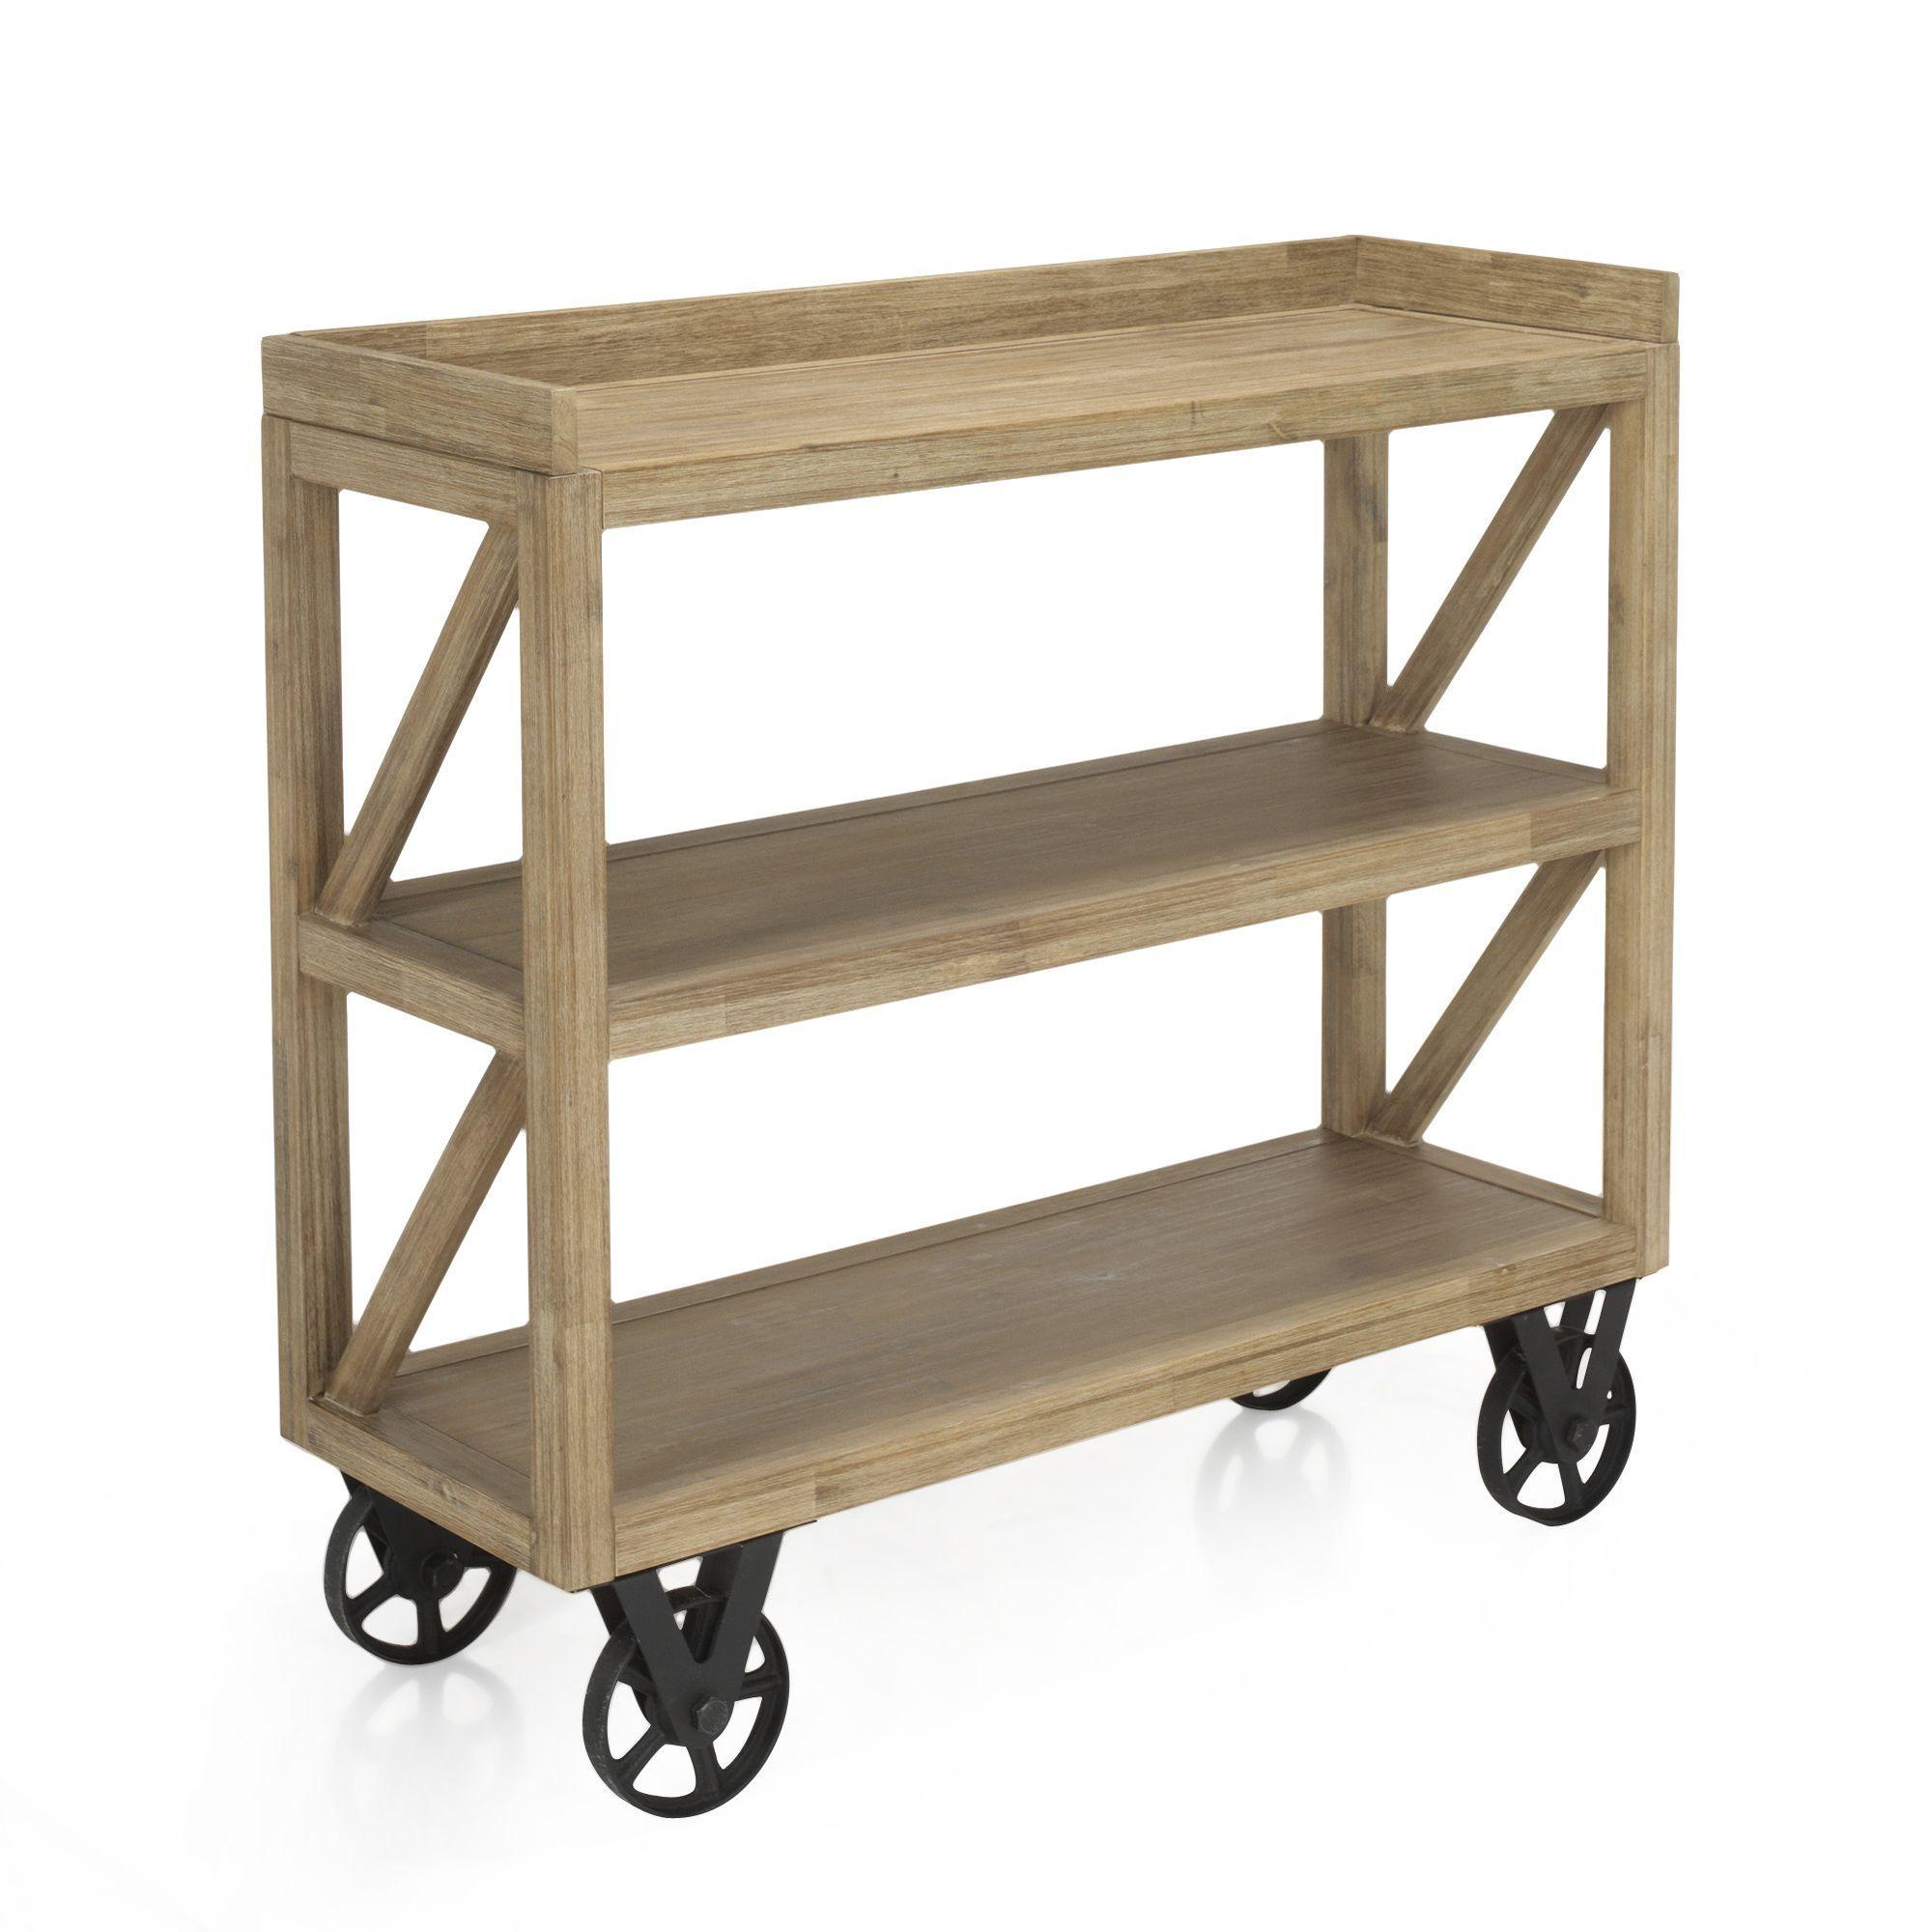 excellent console en acacia sur roulettes brun blanchi cocto les consoles consoles et tables. Black Bedroom Furniture Sets. Home Design Ideas